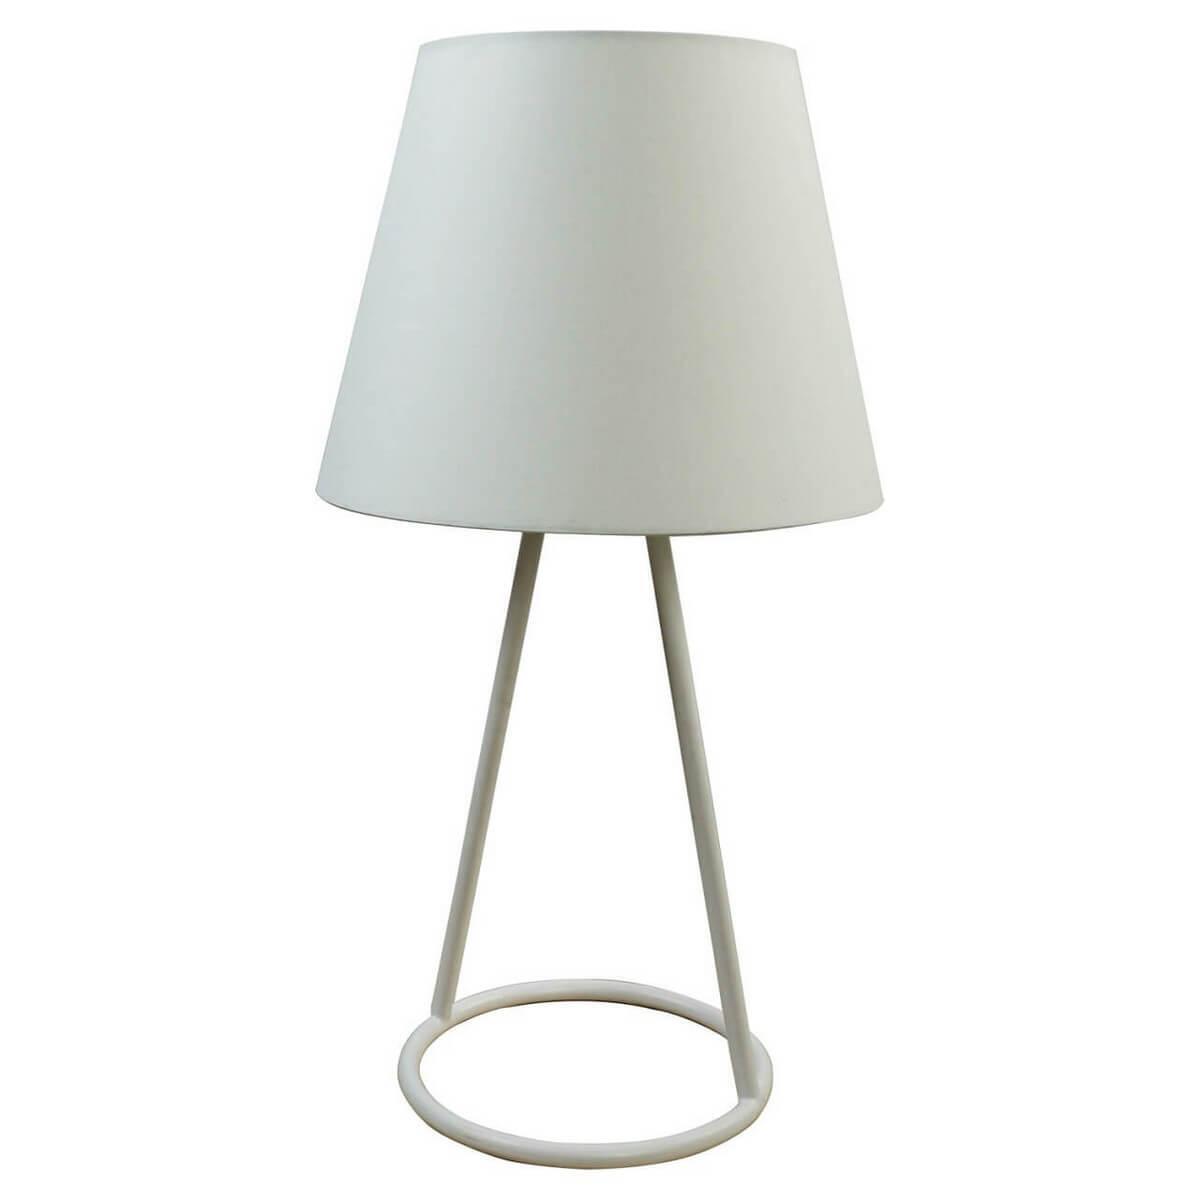 Настольный светильник Lussole GRLSP-9906, 6 Вт